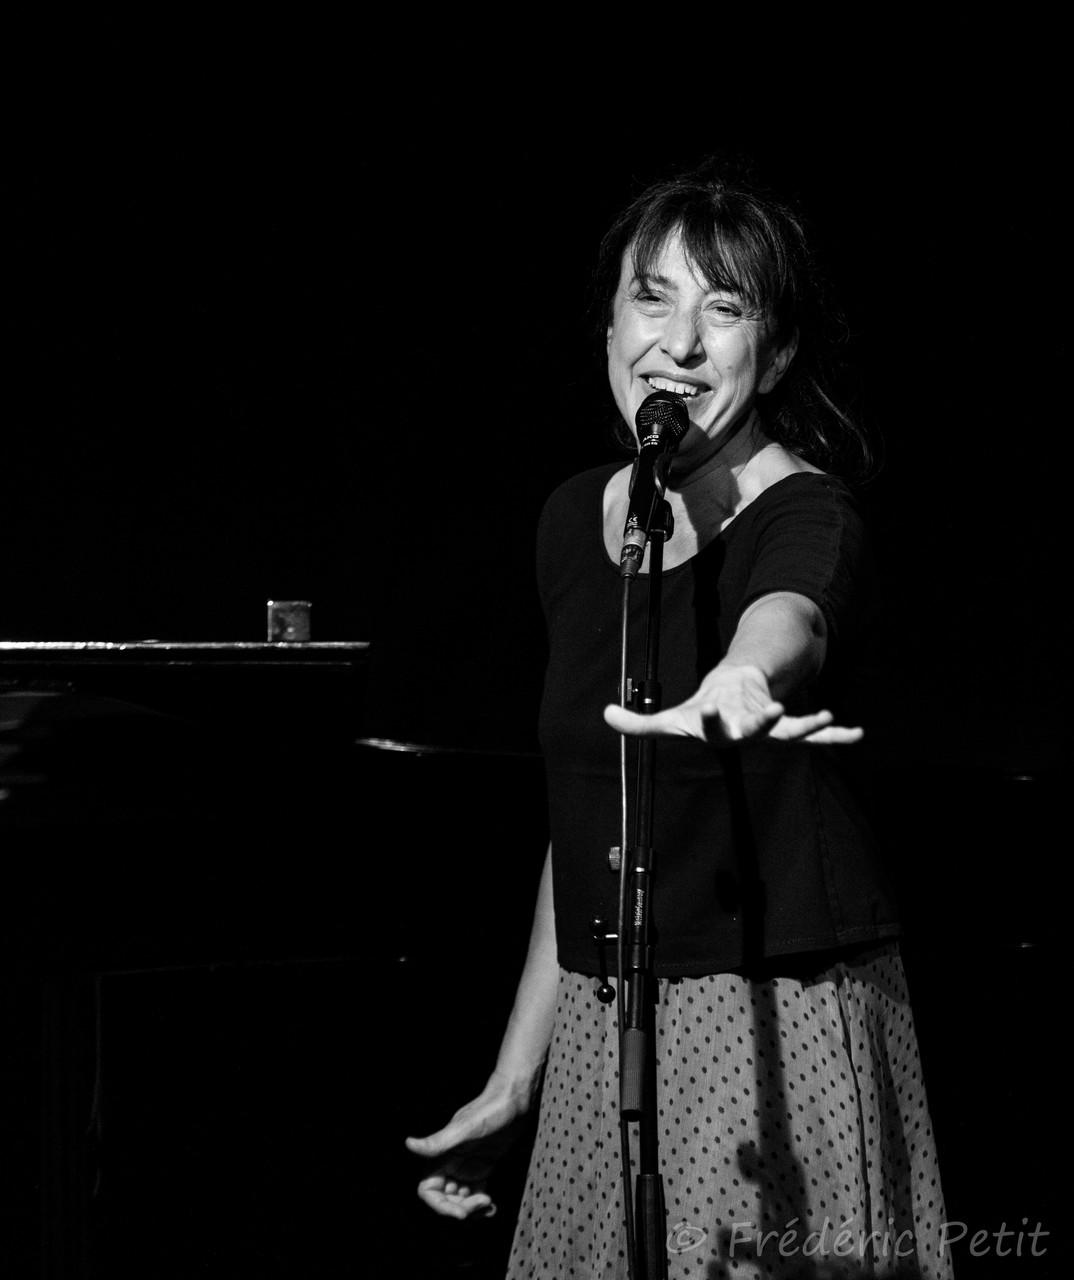 12 juin 2015 - Céline Caussimon @ Forum Léo Ferré